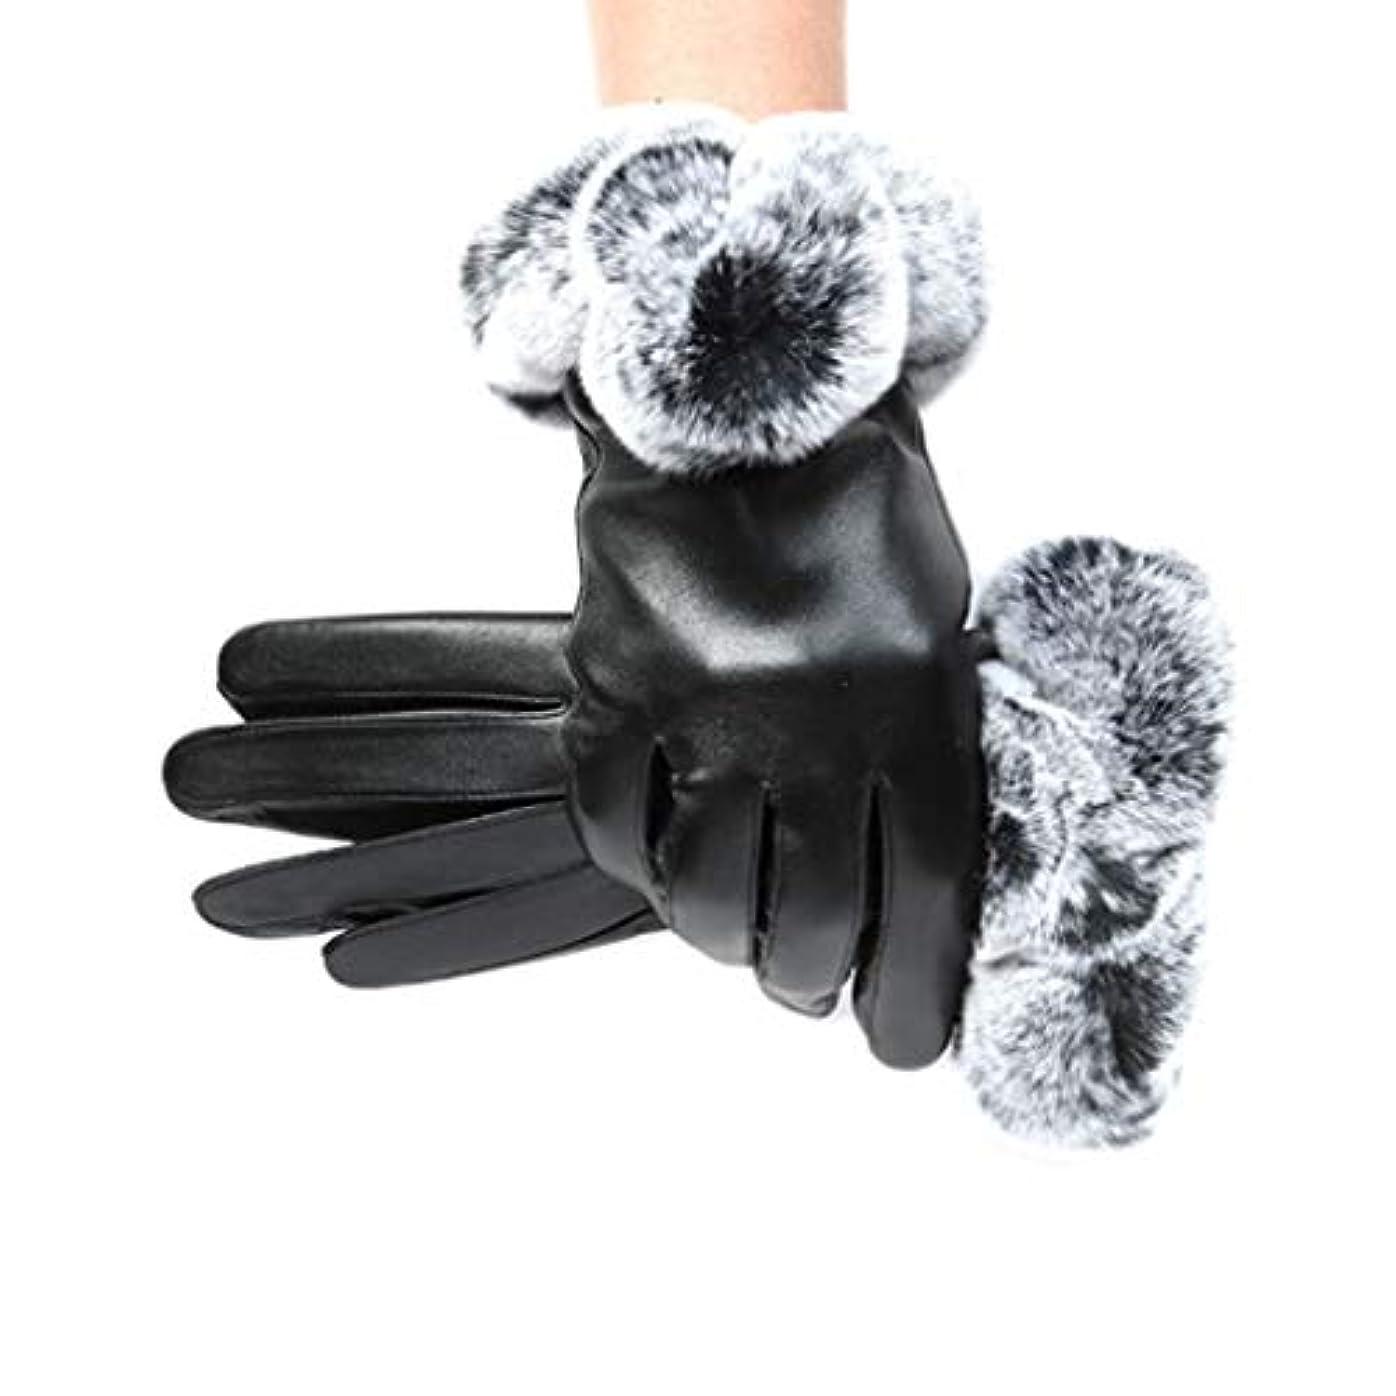 海外フォルダ主導権レザーグローブ冬の暖かい手袋レディースアウトドアライディンググローブ防風コールドプラスベルベットのタッチスクリーングローブ女性モデル